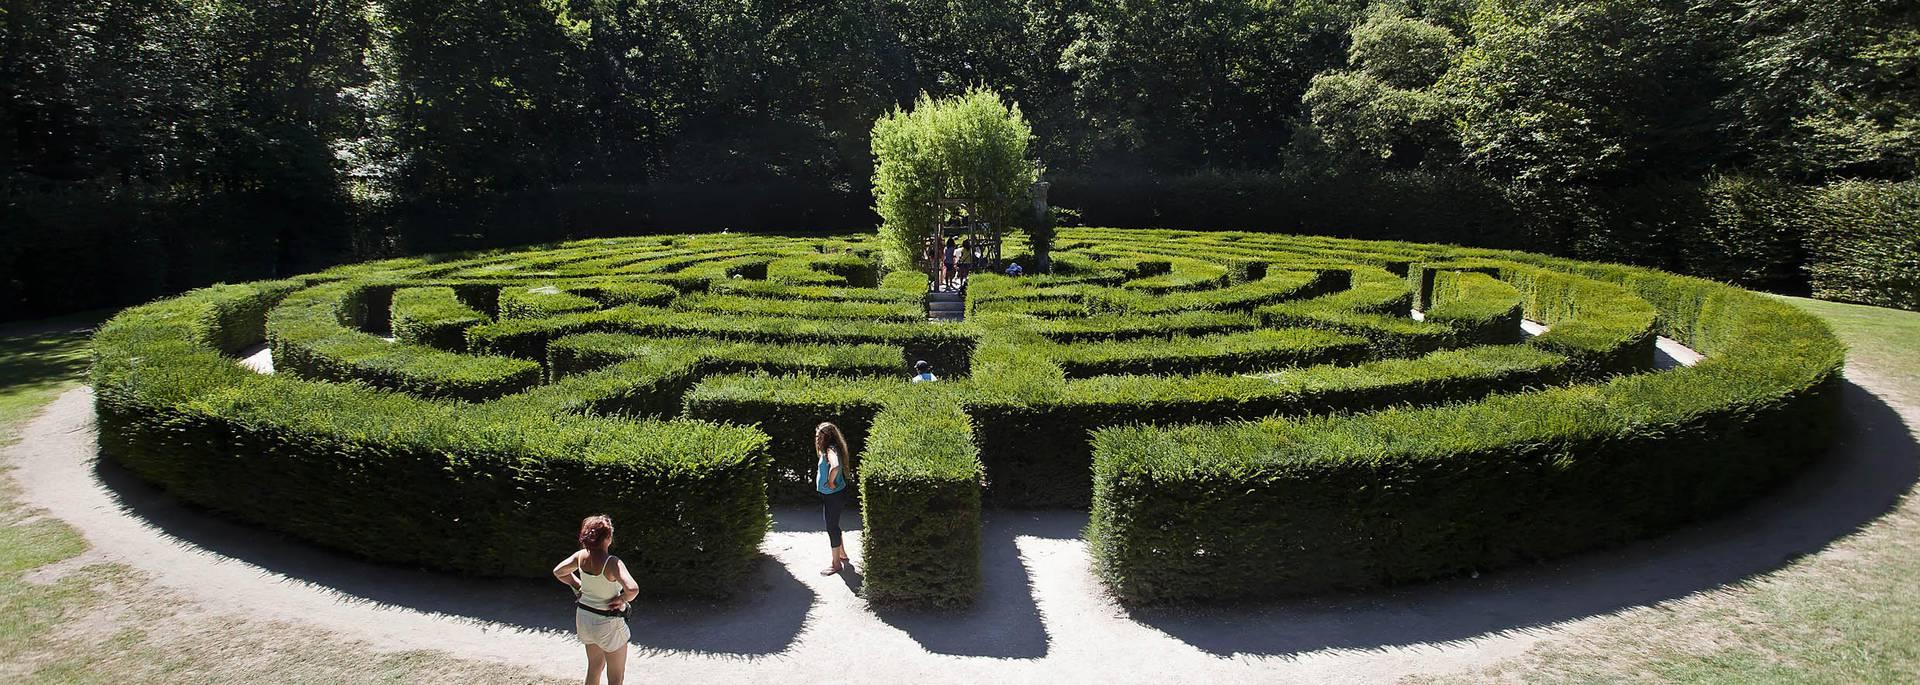 Schlossgarten in Chenonceau© Images de Marc